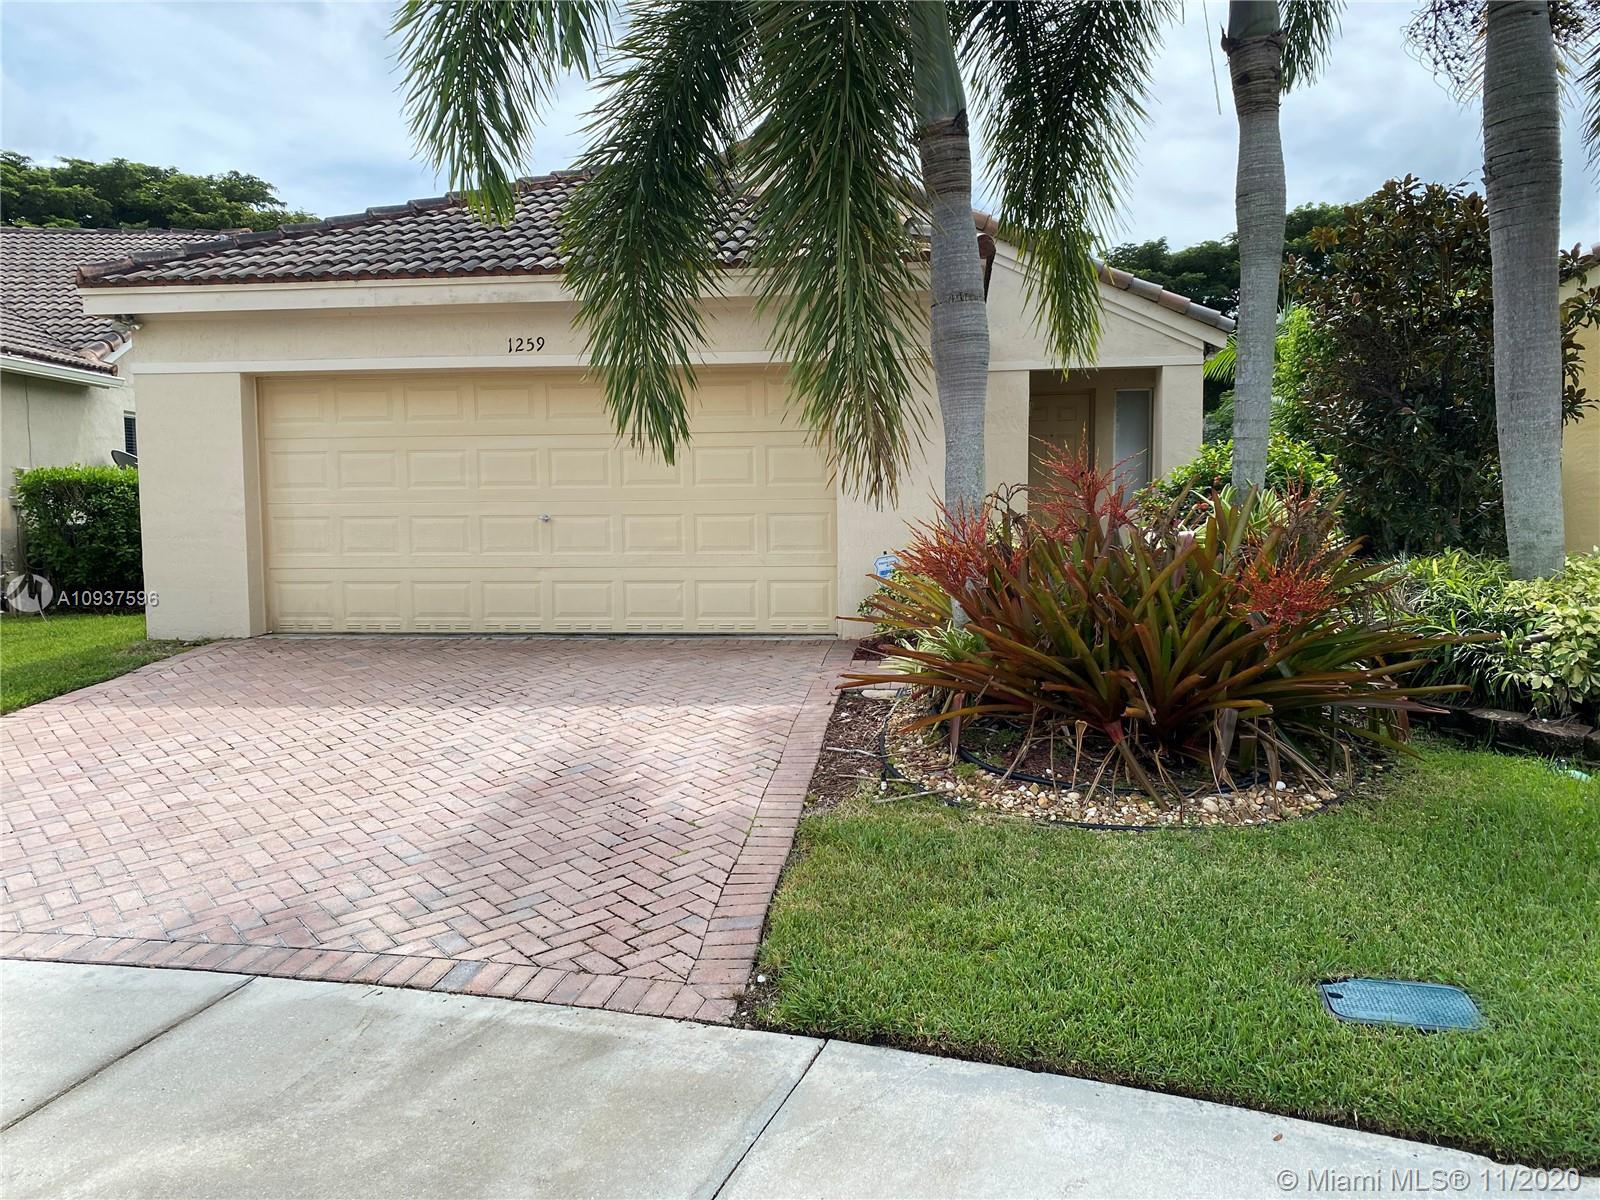 Weston - 1259 Sabal Trl, Weston, FL 33327